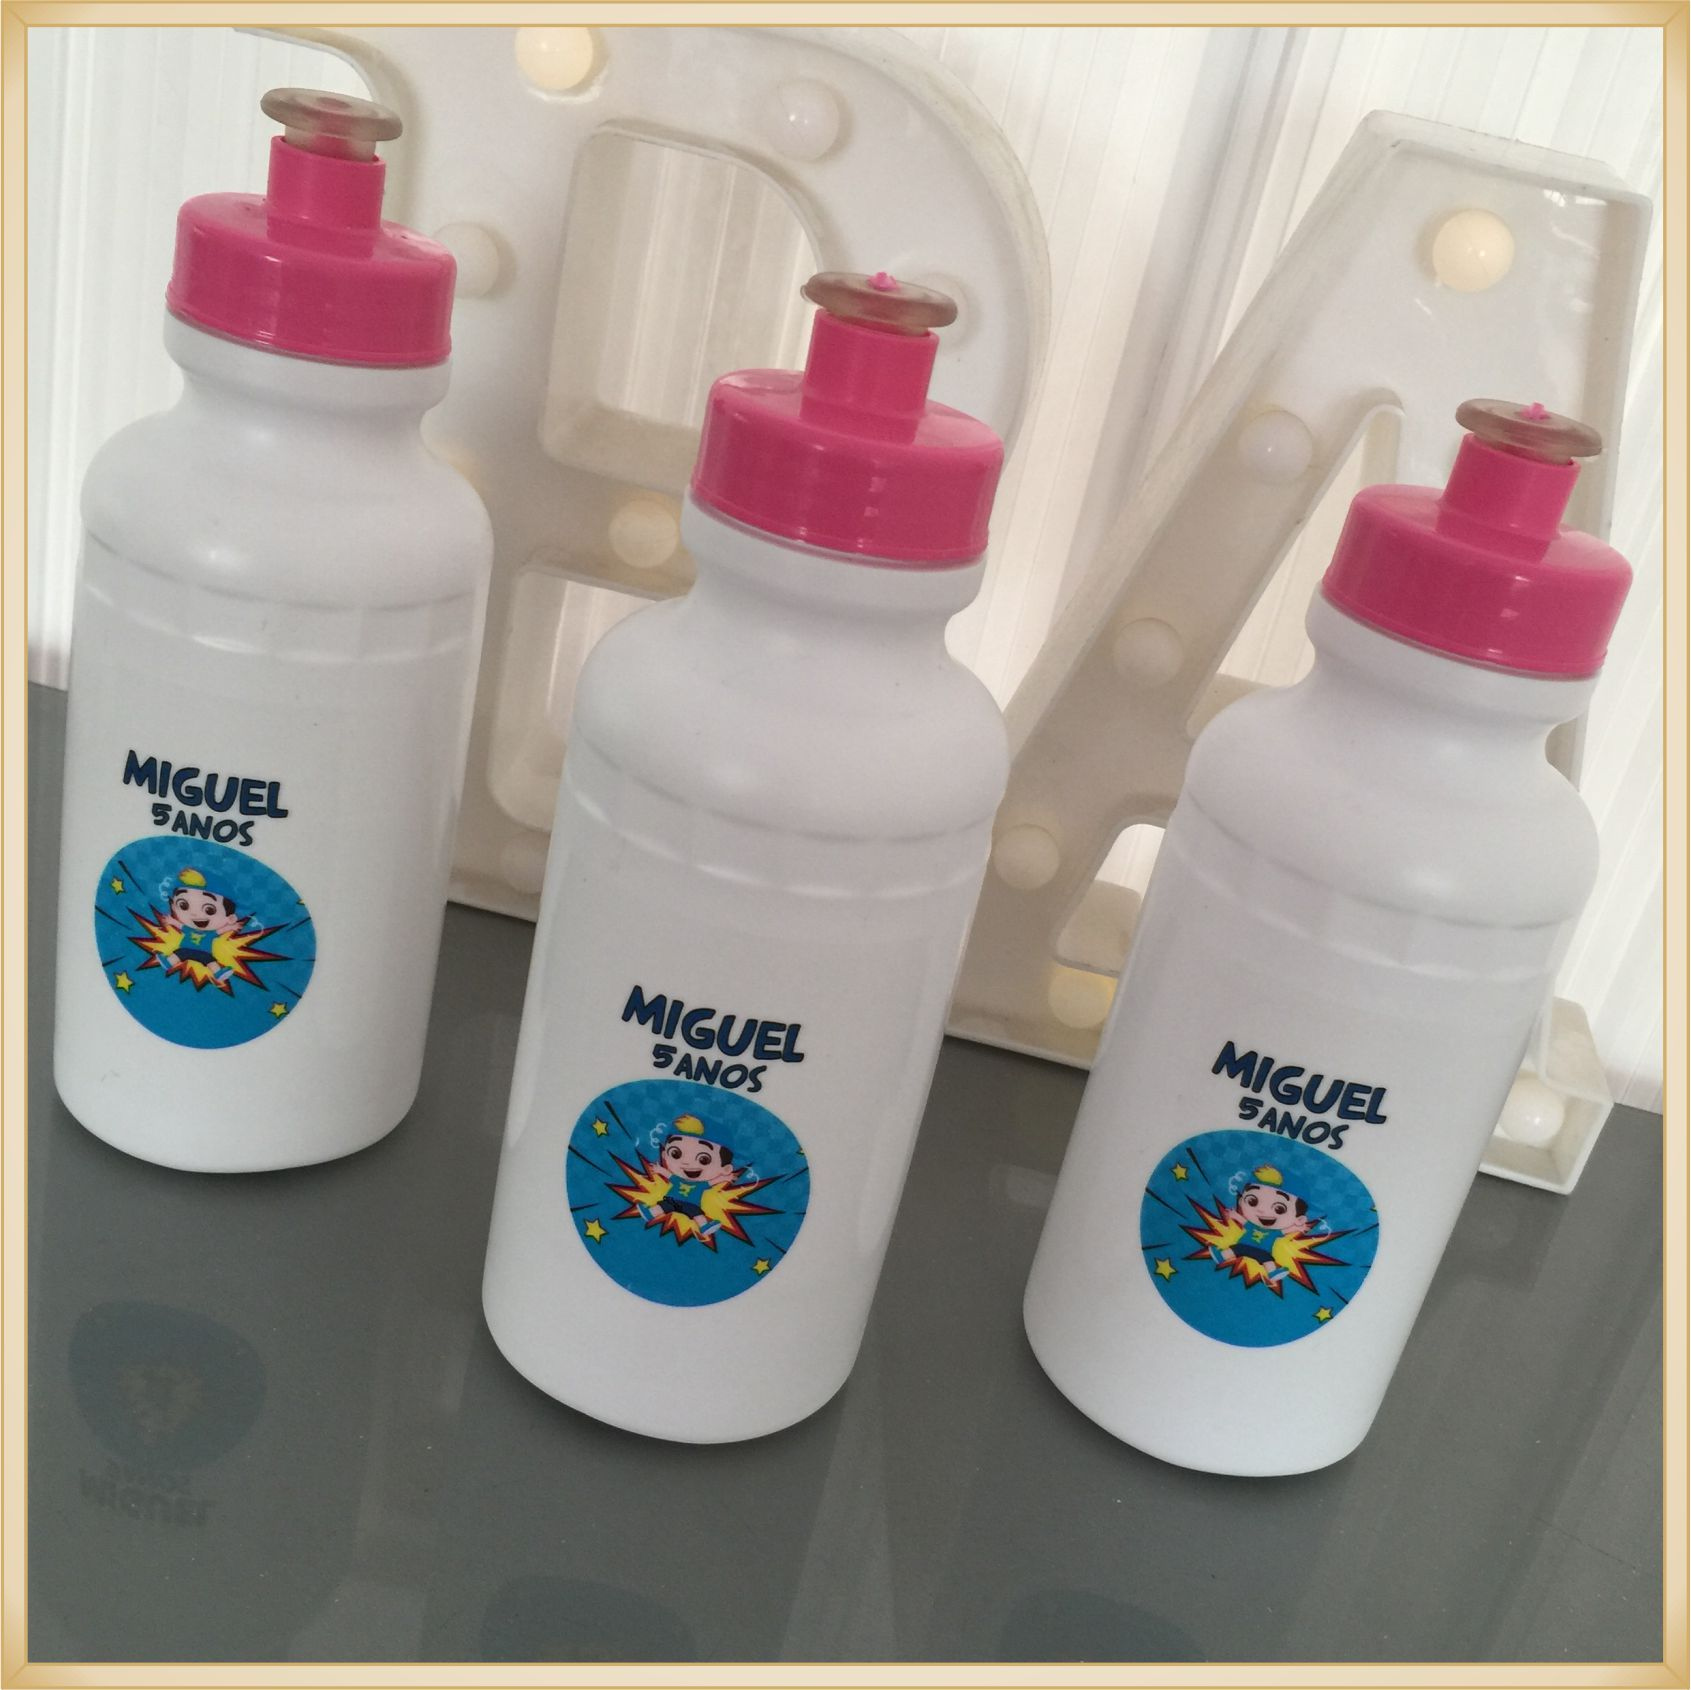 Squeeze Personalizado de plástico - prático e durável, estampa brilhante de alta qualidade, volume 500 ml, resistente a quedas. - kit 50 unidades